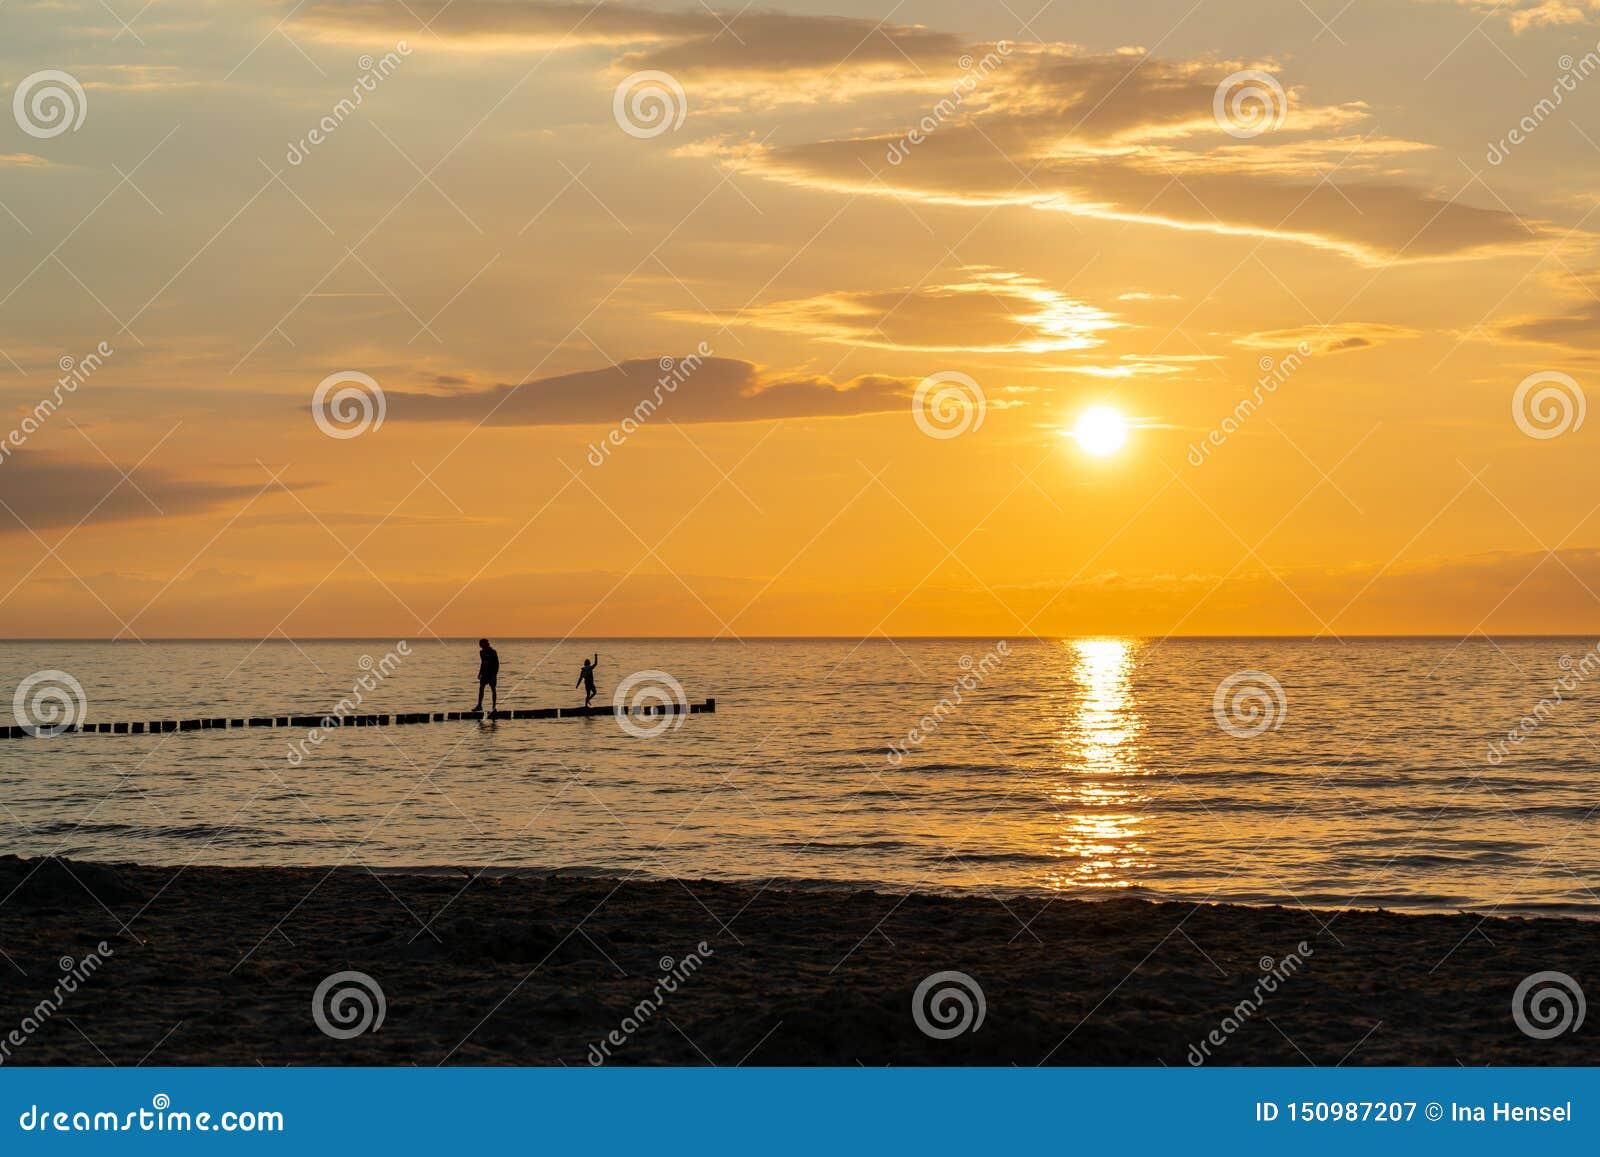 在海滩的日落与作为黑剪影的两人在前景